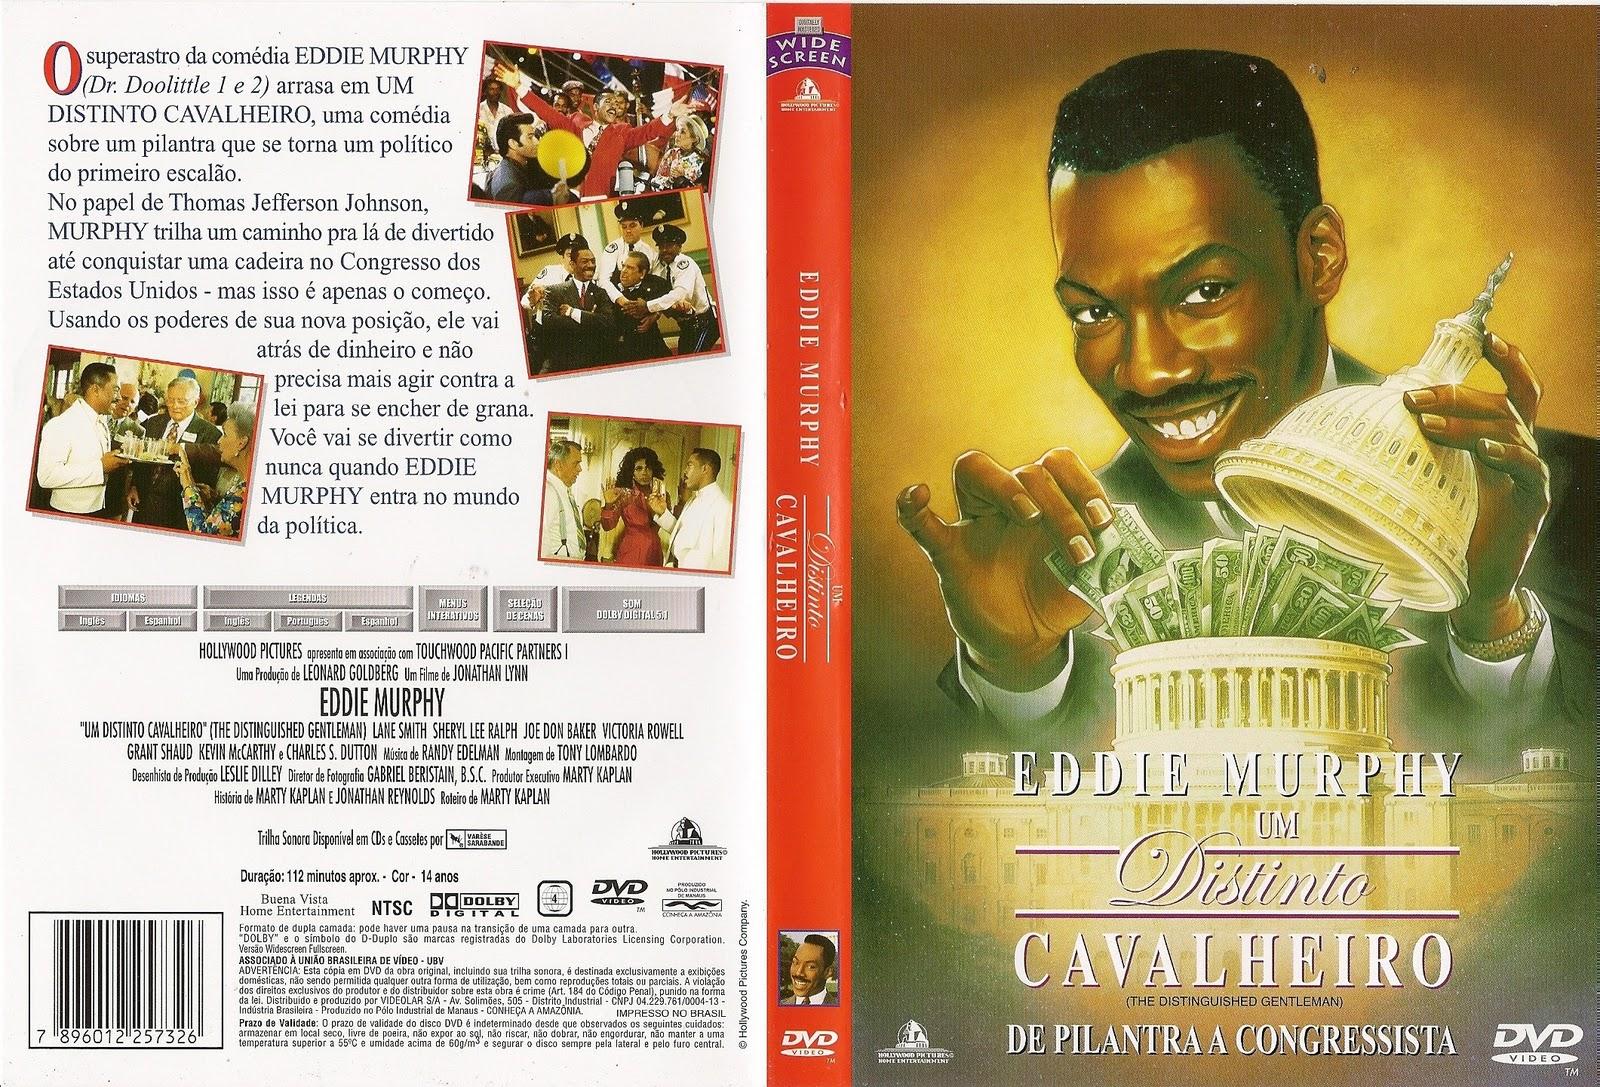 Dick Poe Dodge >> Clássicos do Cinema: Um Distinto Cavalheiro = DVDR dublado ...